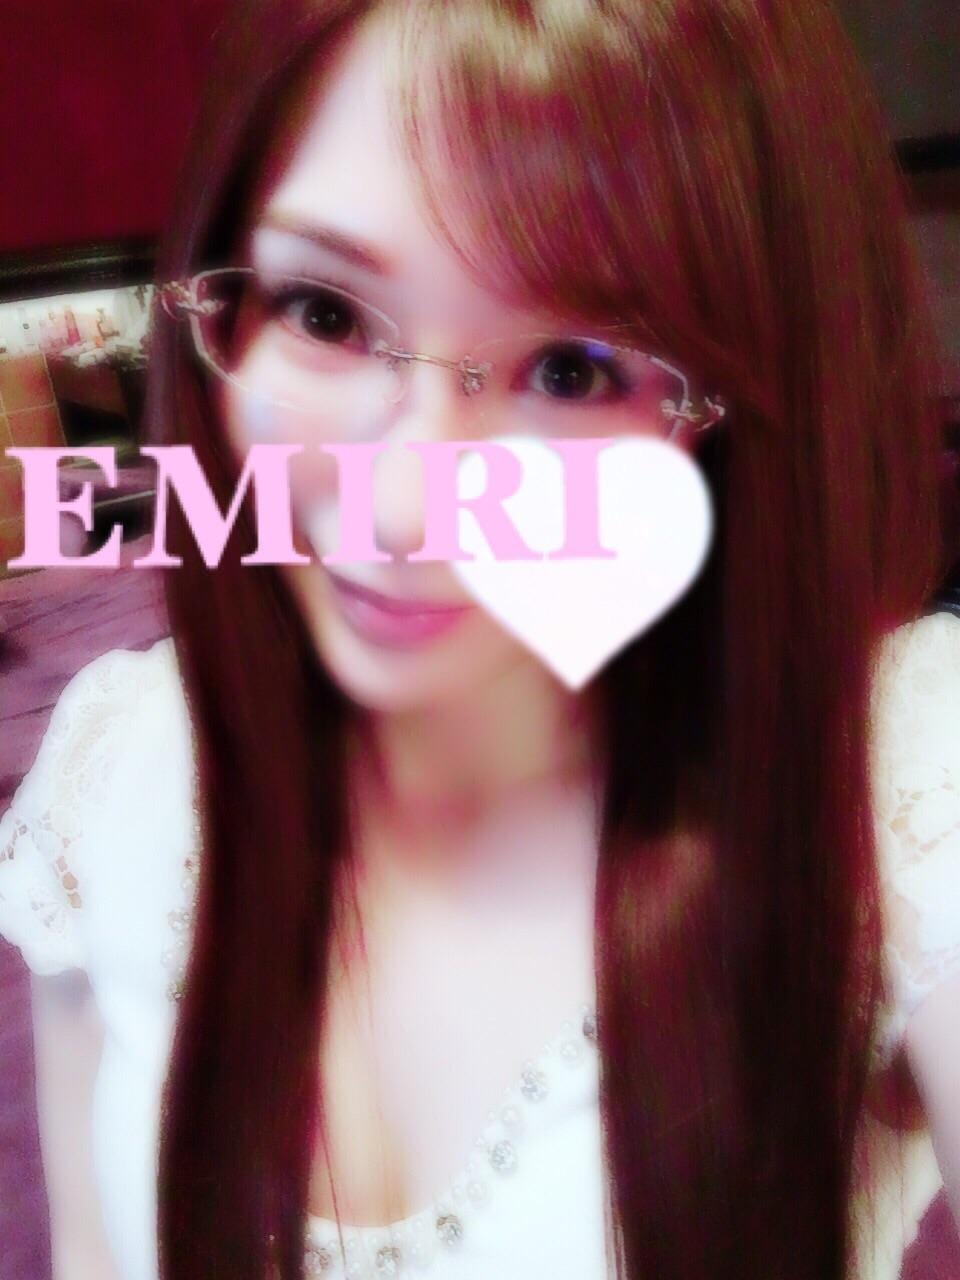 「おはようございます♪+°。」05/23(水) 09:04 | えみり☆の写メ・風俗動画